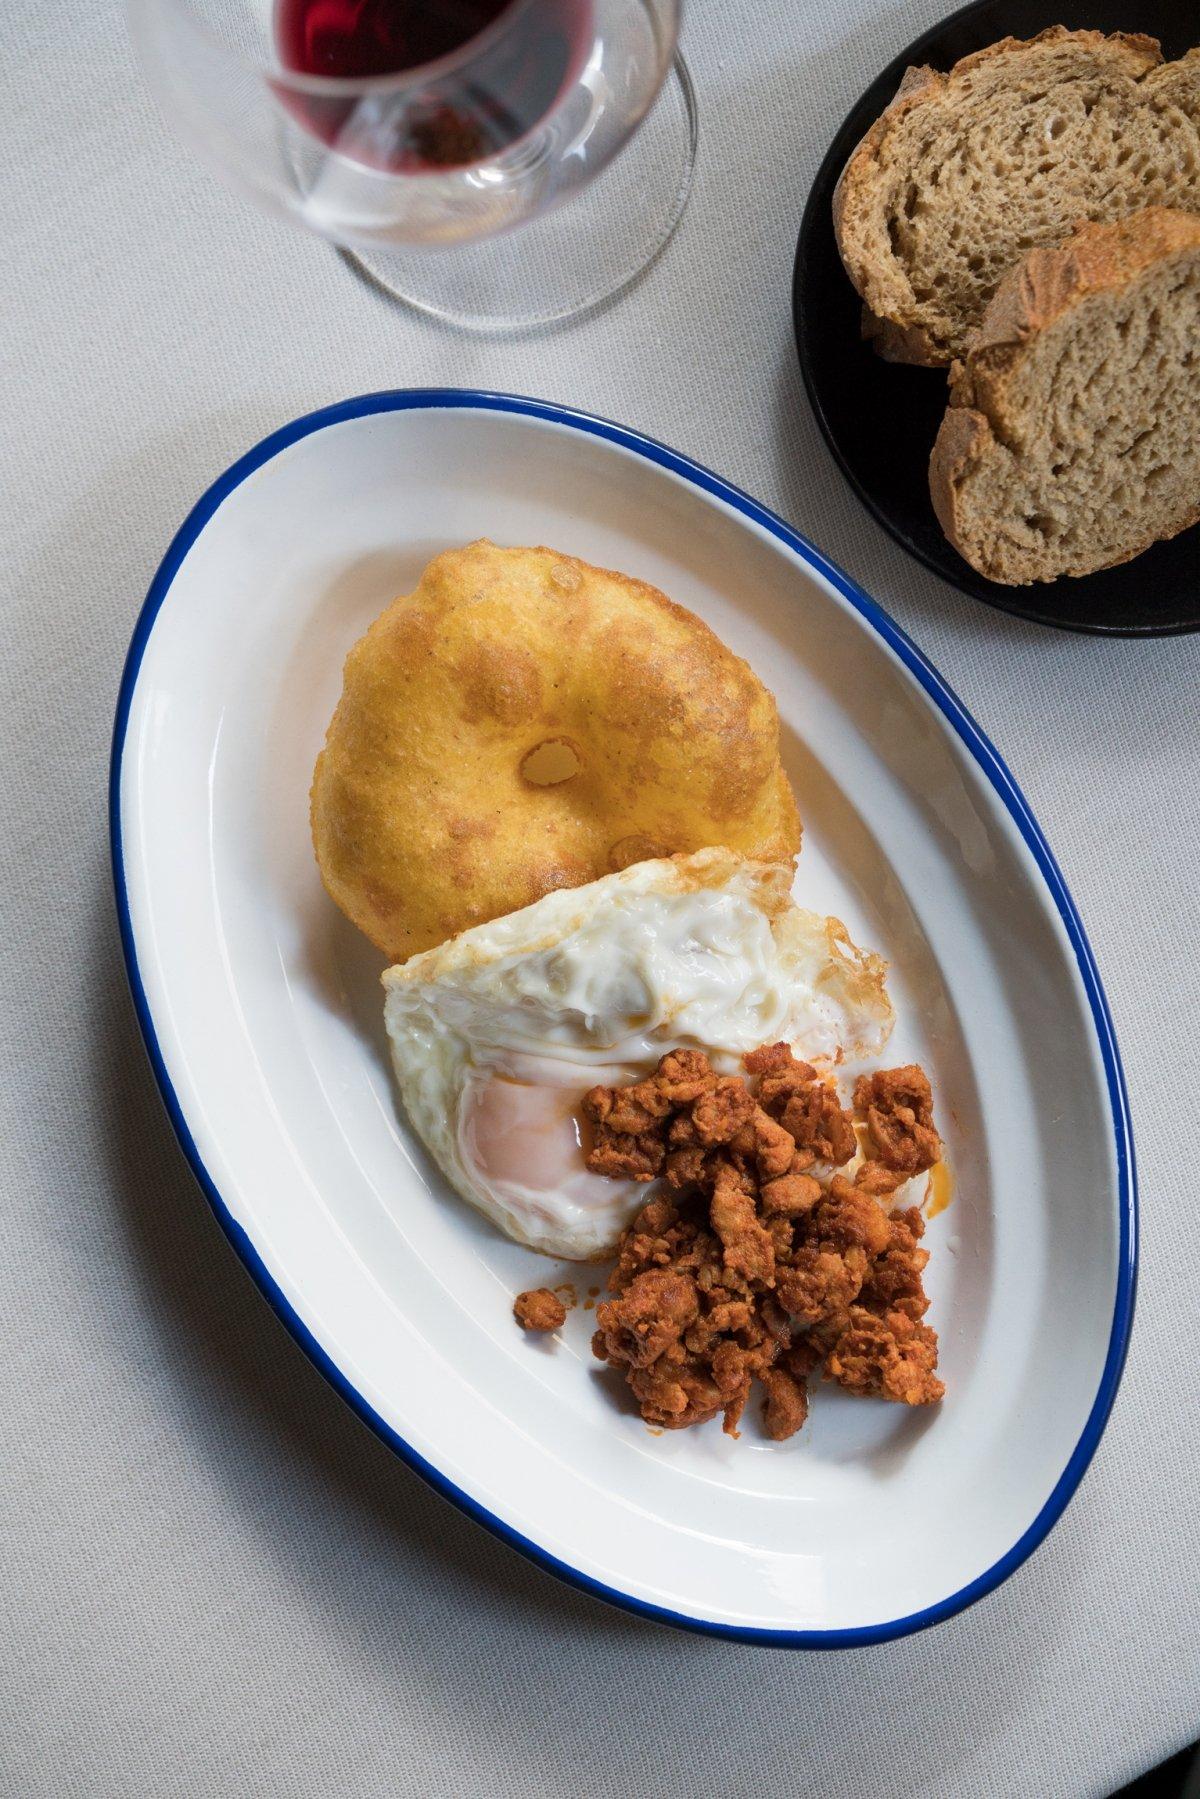 Tortos con huevos y picadillo